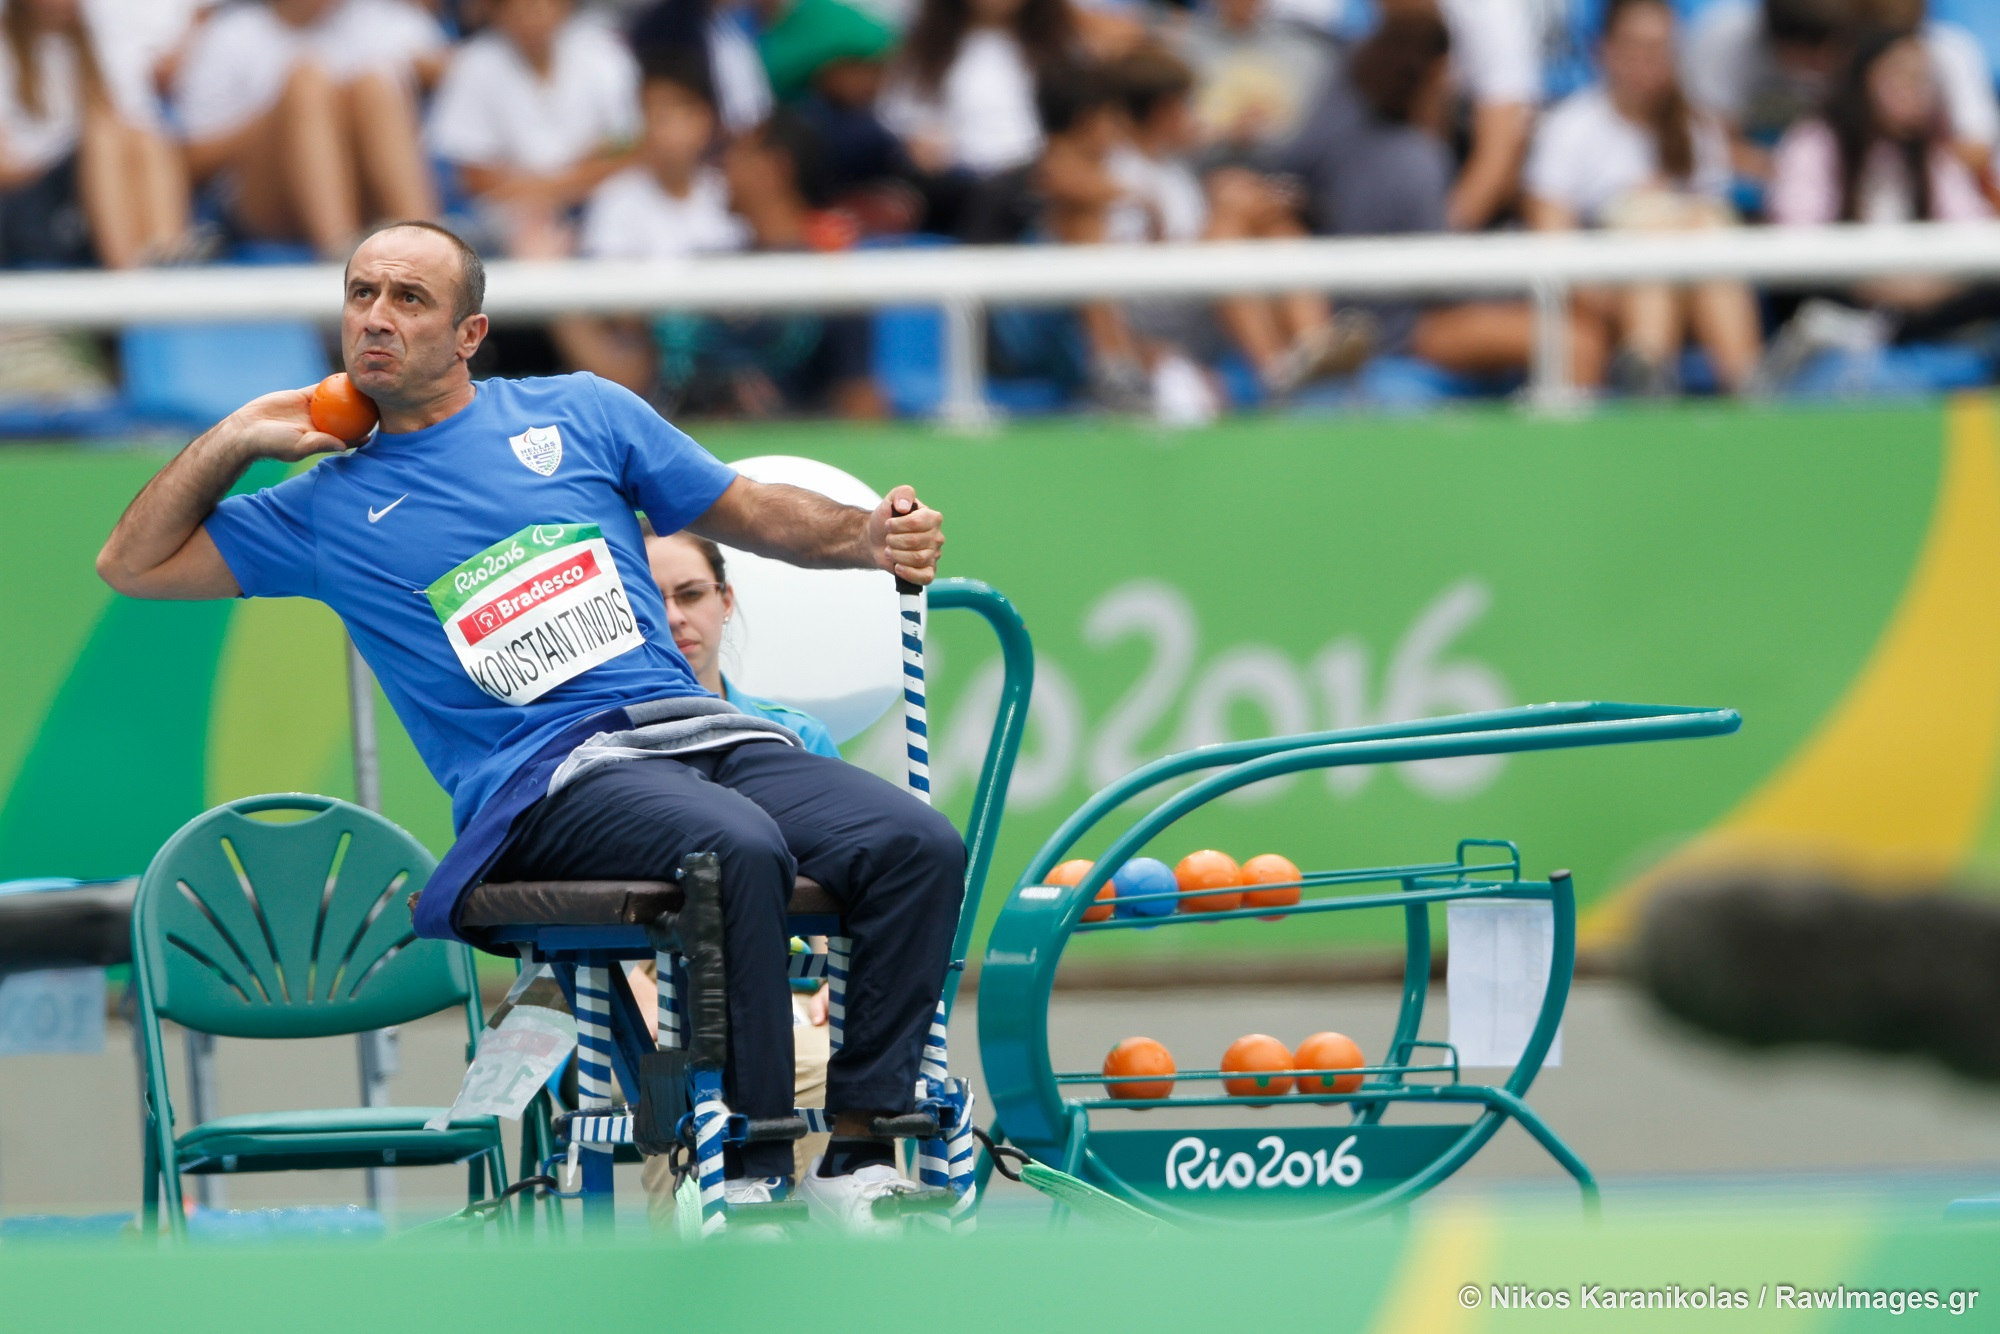 Παραολυμπιακοί Ρίο 2016 2